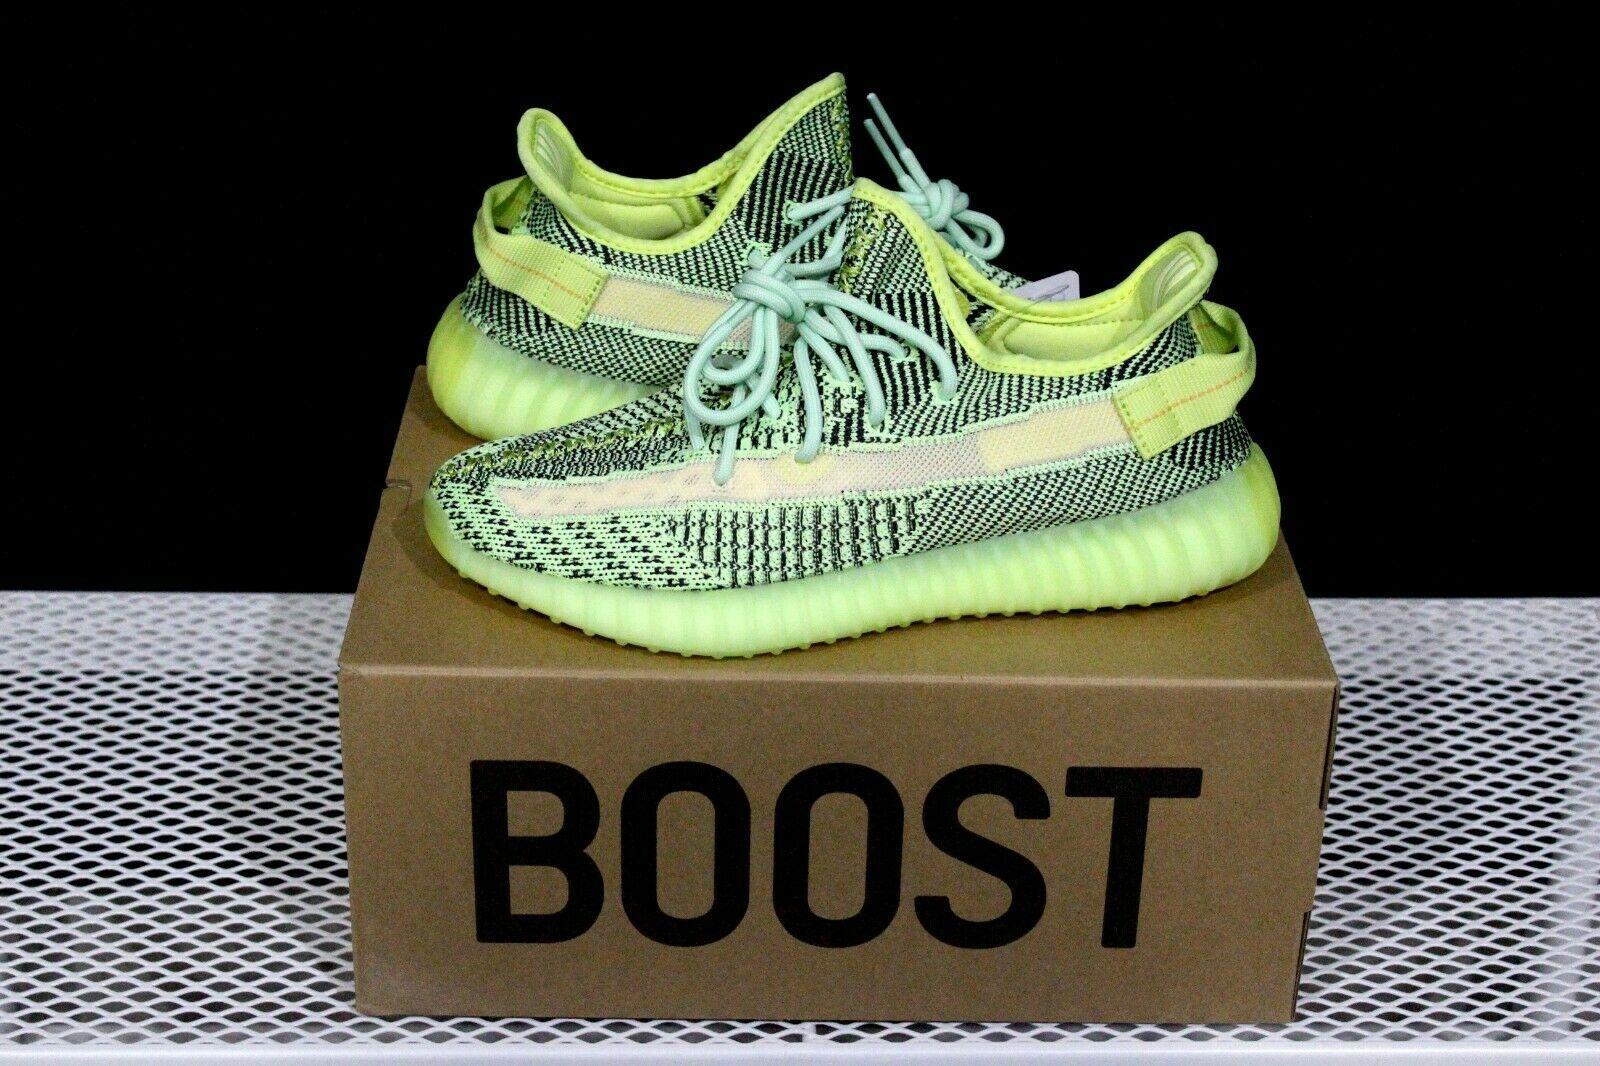 Adidas Yeezy Boost 350 V2 Yeezreel Non Reflective Kanye West Fw5191 Size 9 Adidas Yeezy Boost Adidas Yeezy Boost 350 Adidas Yeezy Boost 350 V2